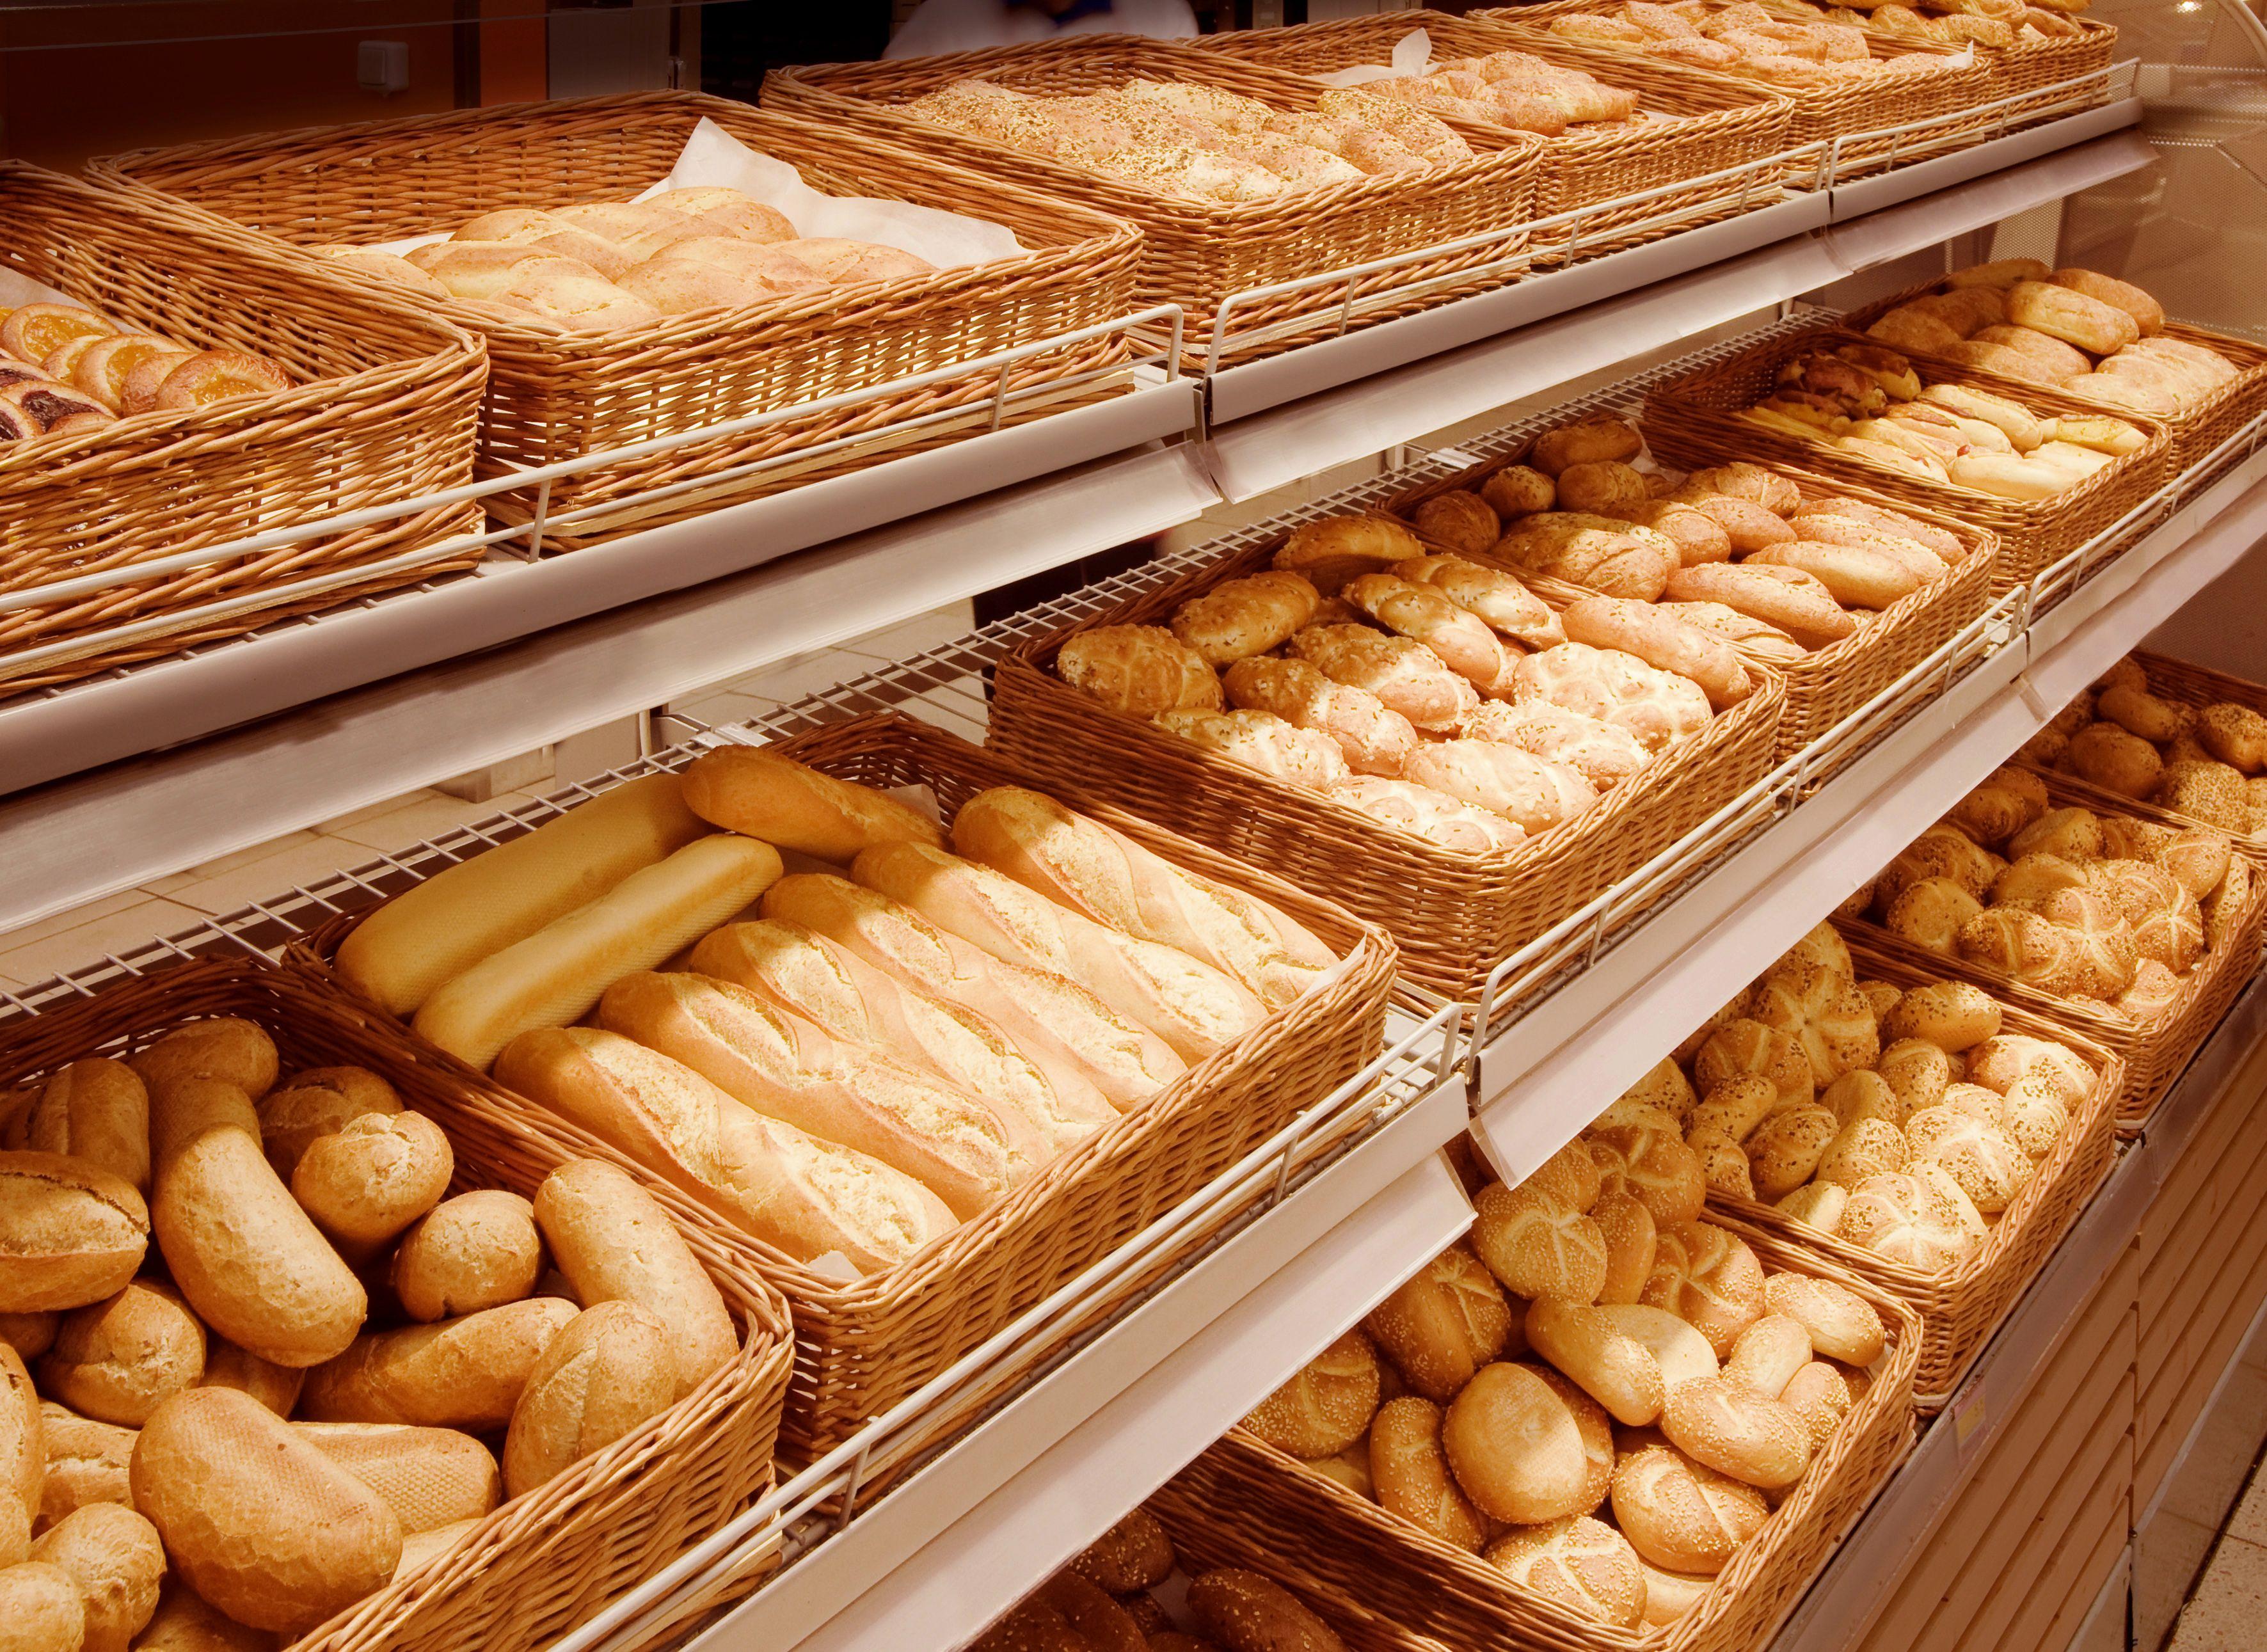 延长面包的货架寿命